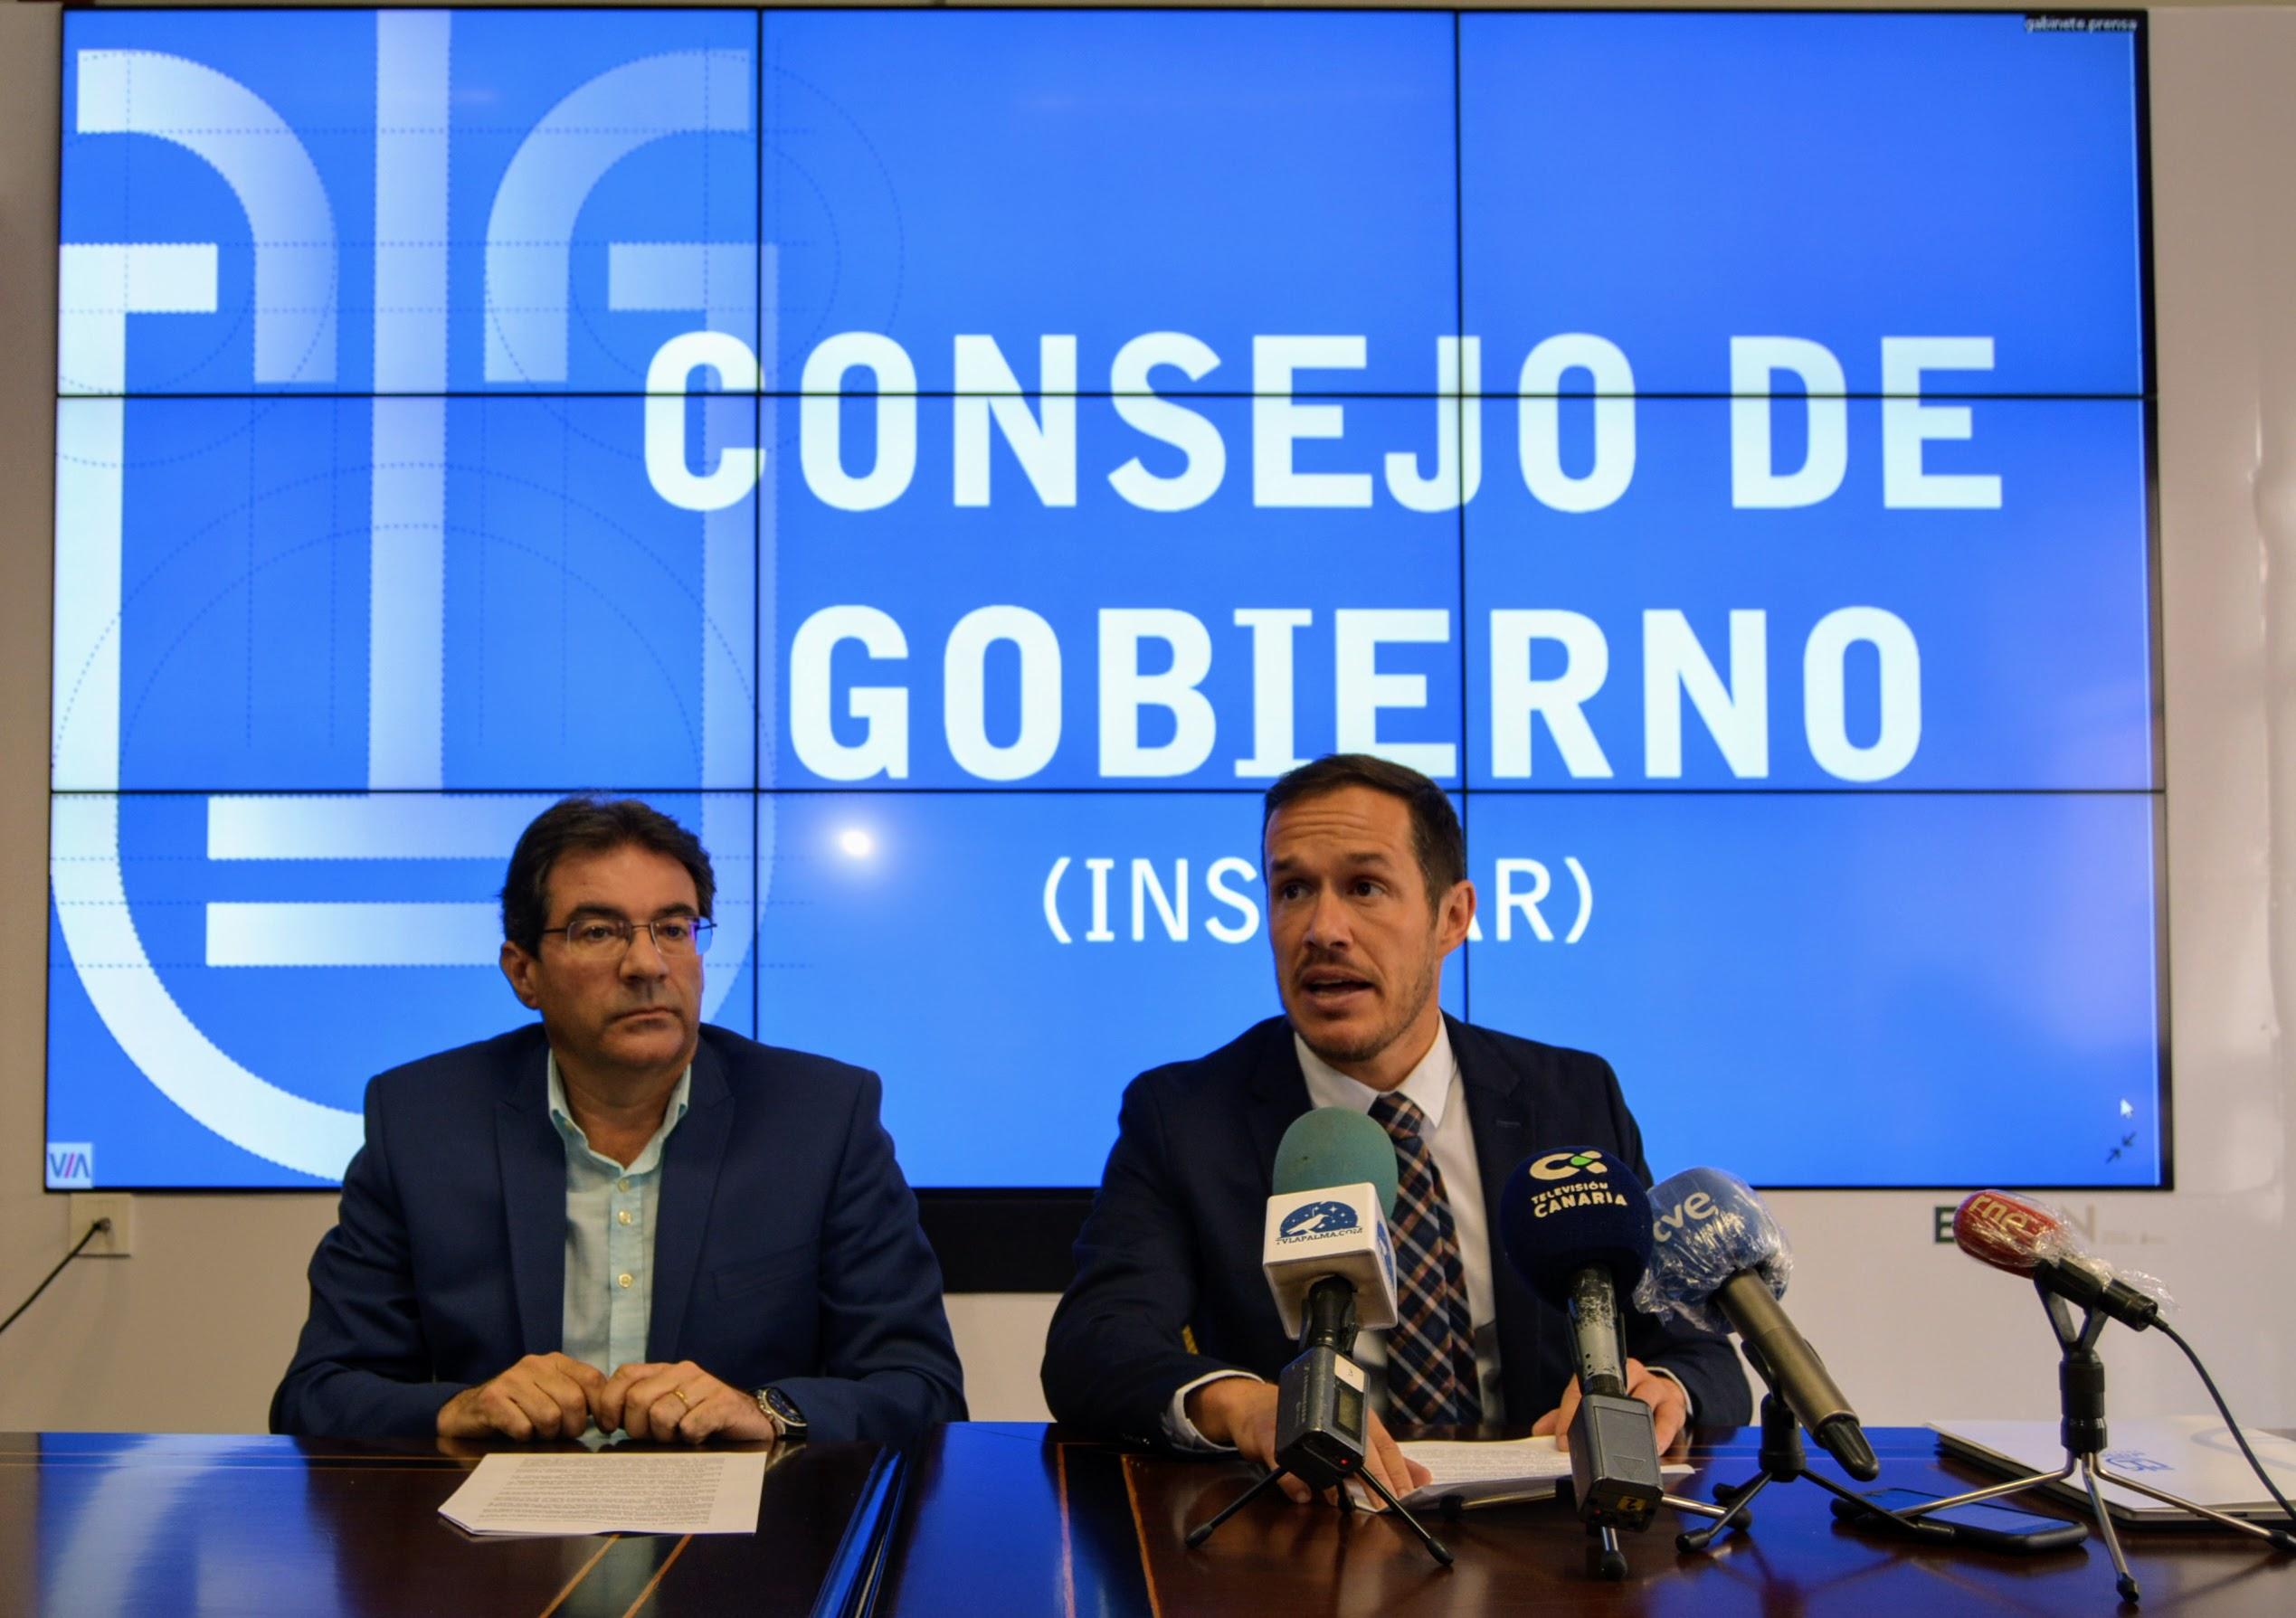 La Palma aprueba un paquete de medidas en la isla respecto al COVID-19